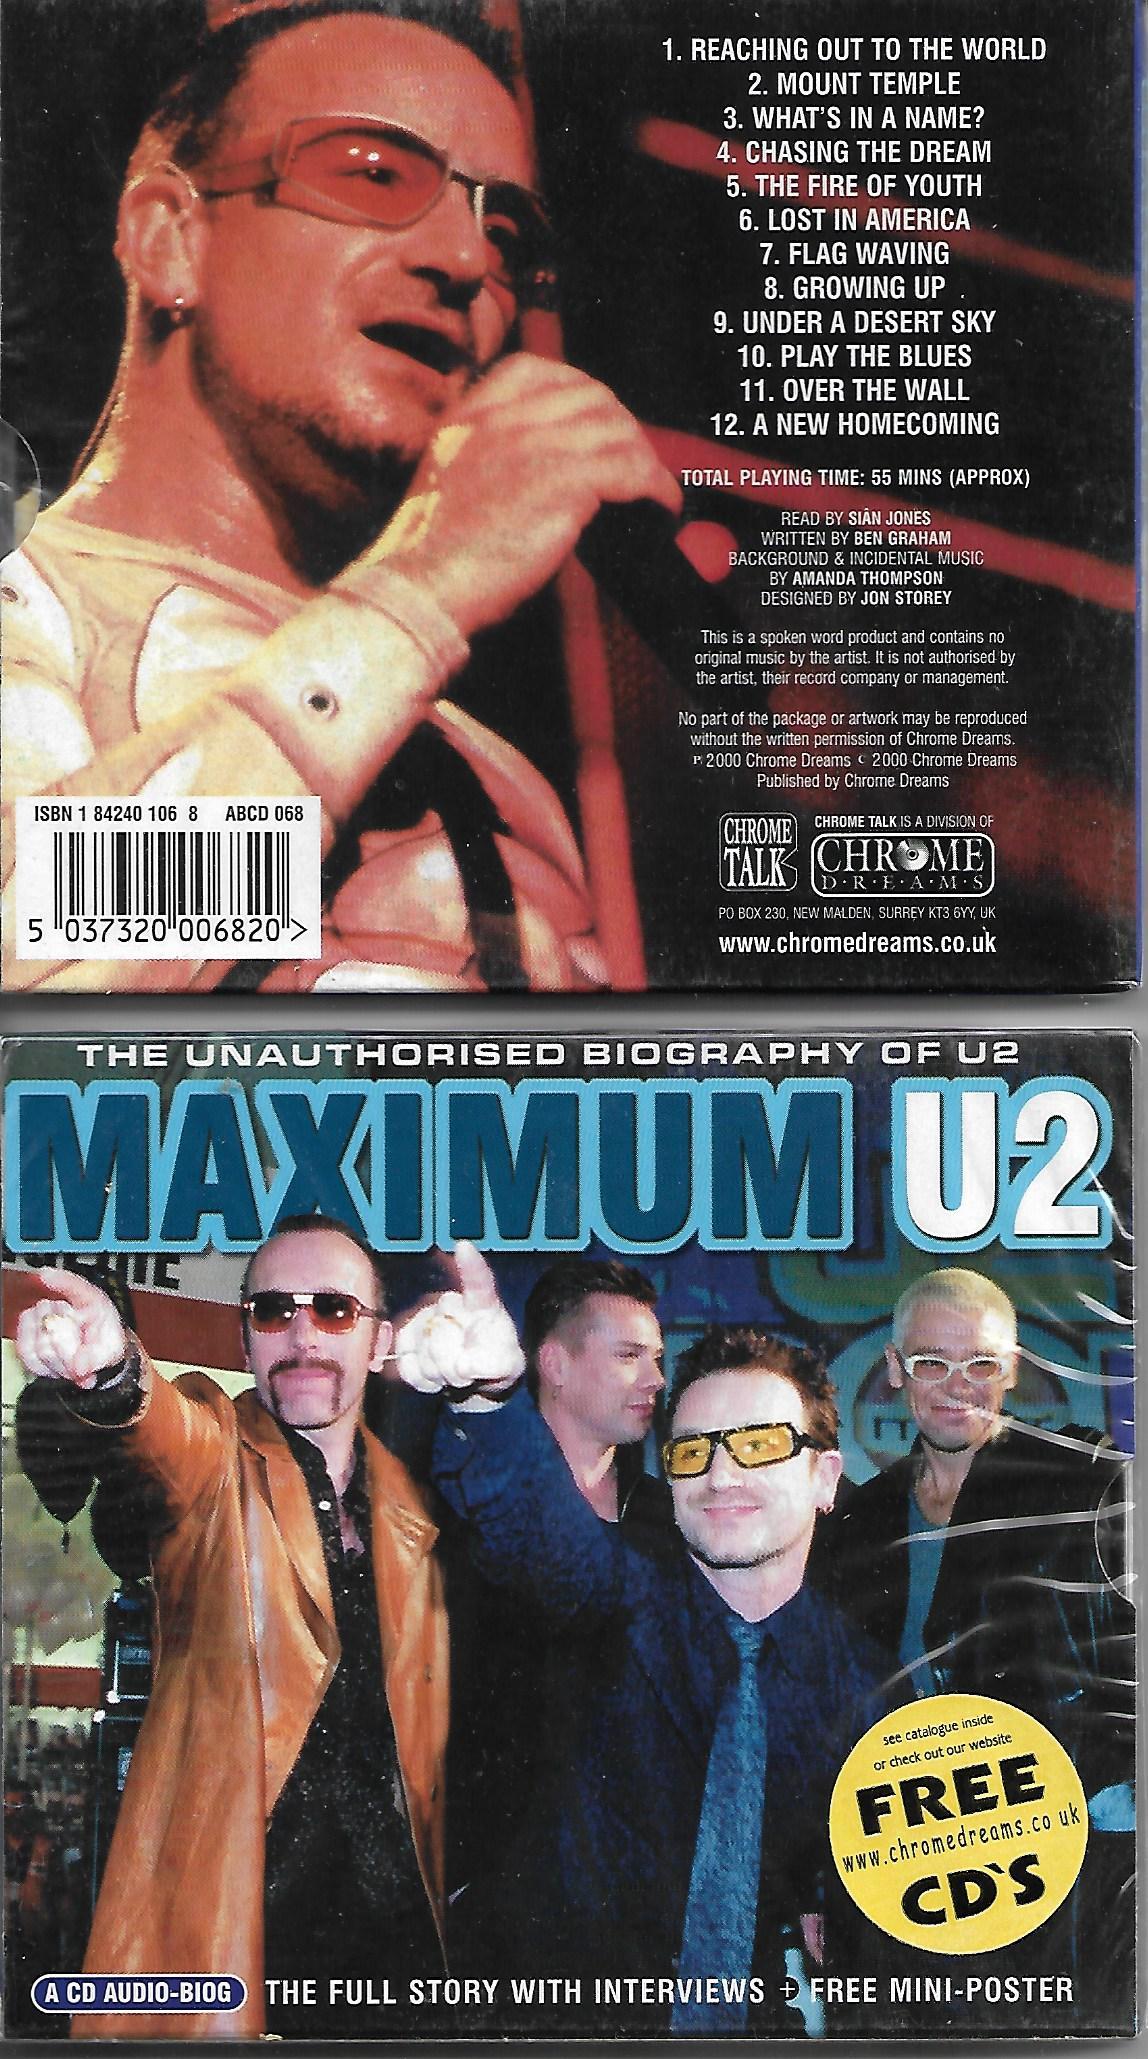 Maximum U2